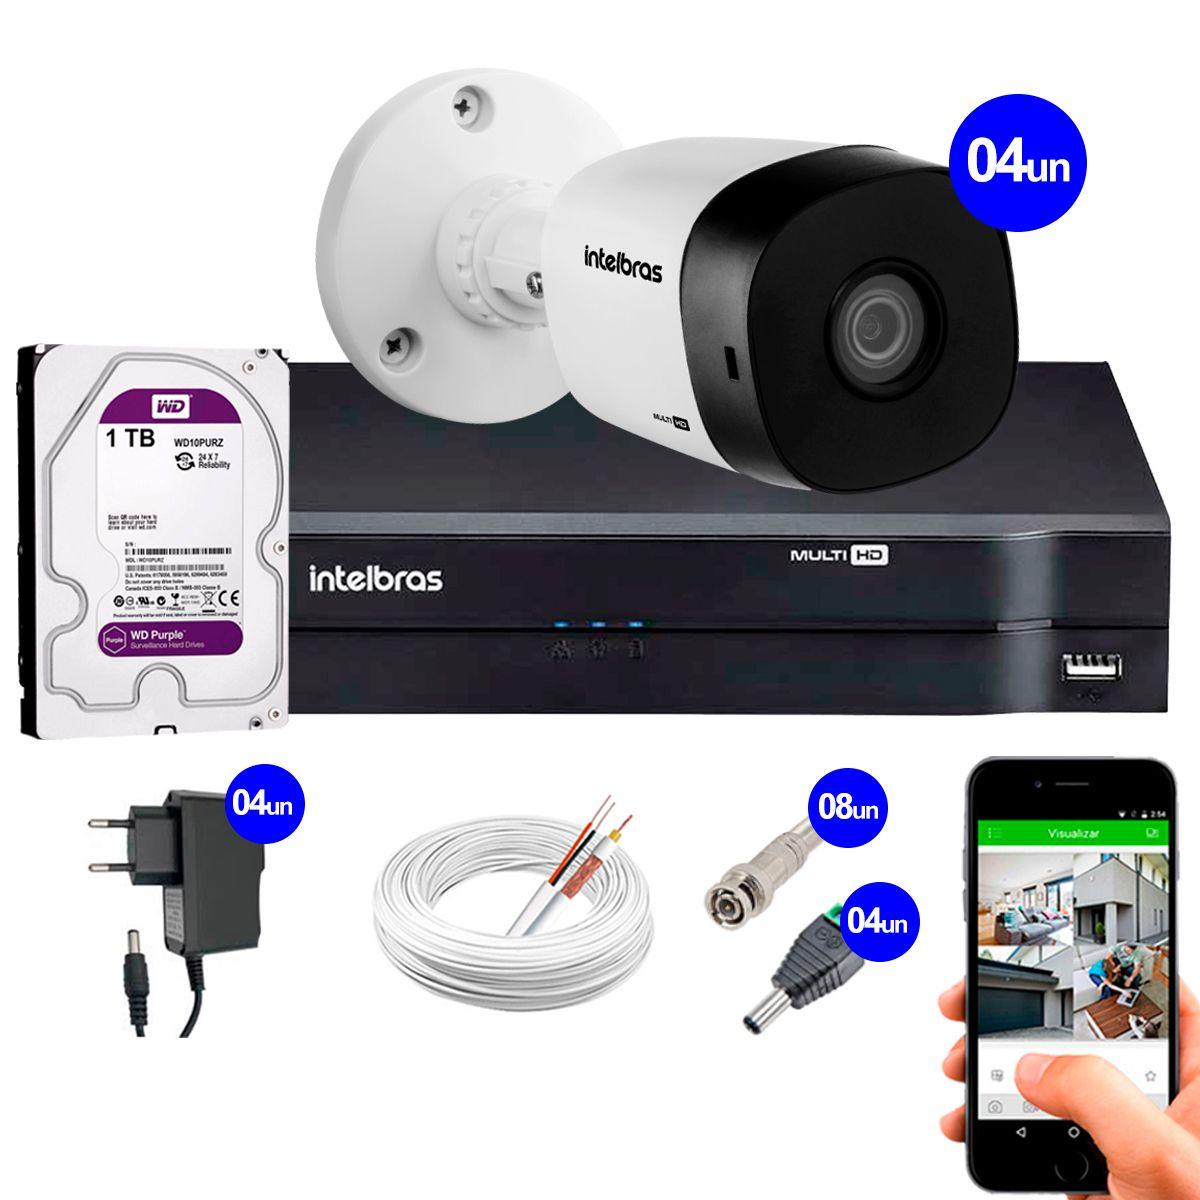 Kit 4 Câmeras VHD 1120 B G5 + DVR Intelbras + HD 1TB para Armazenamento + App Grátis de Monitoramento, Câmeras HD 720p 20m Infravermelho de Visão Noturna Intelbras + Fonte, Cabos e Acessórios  - Tudo Forte